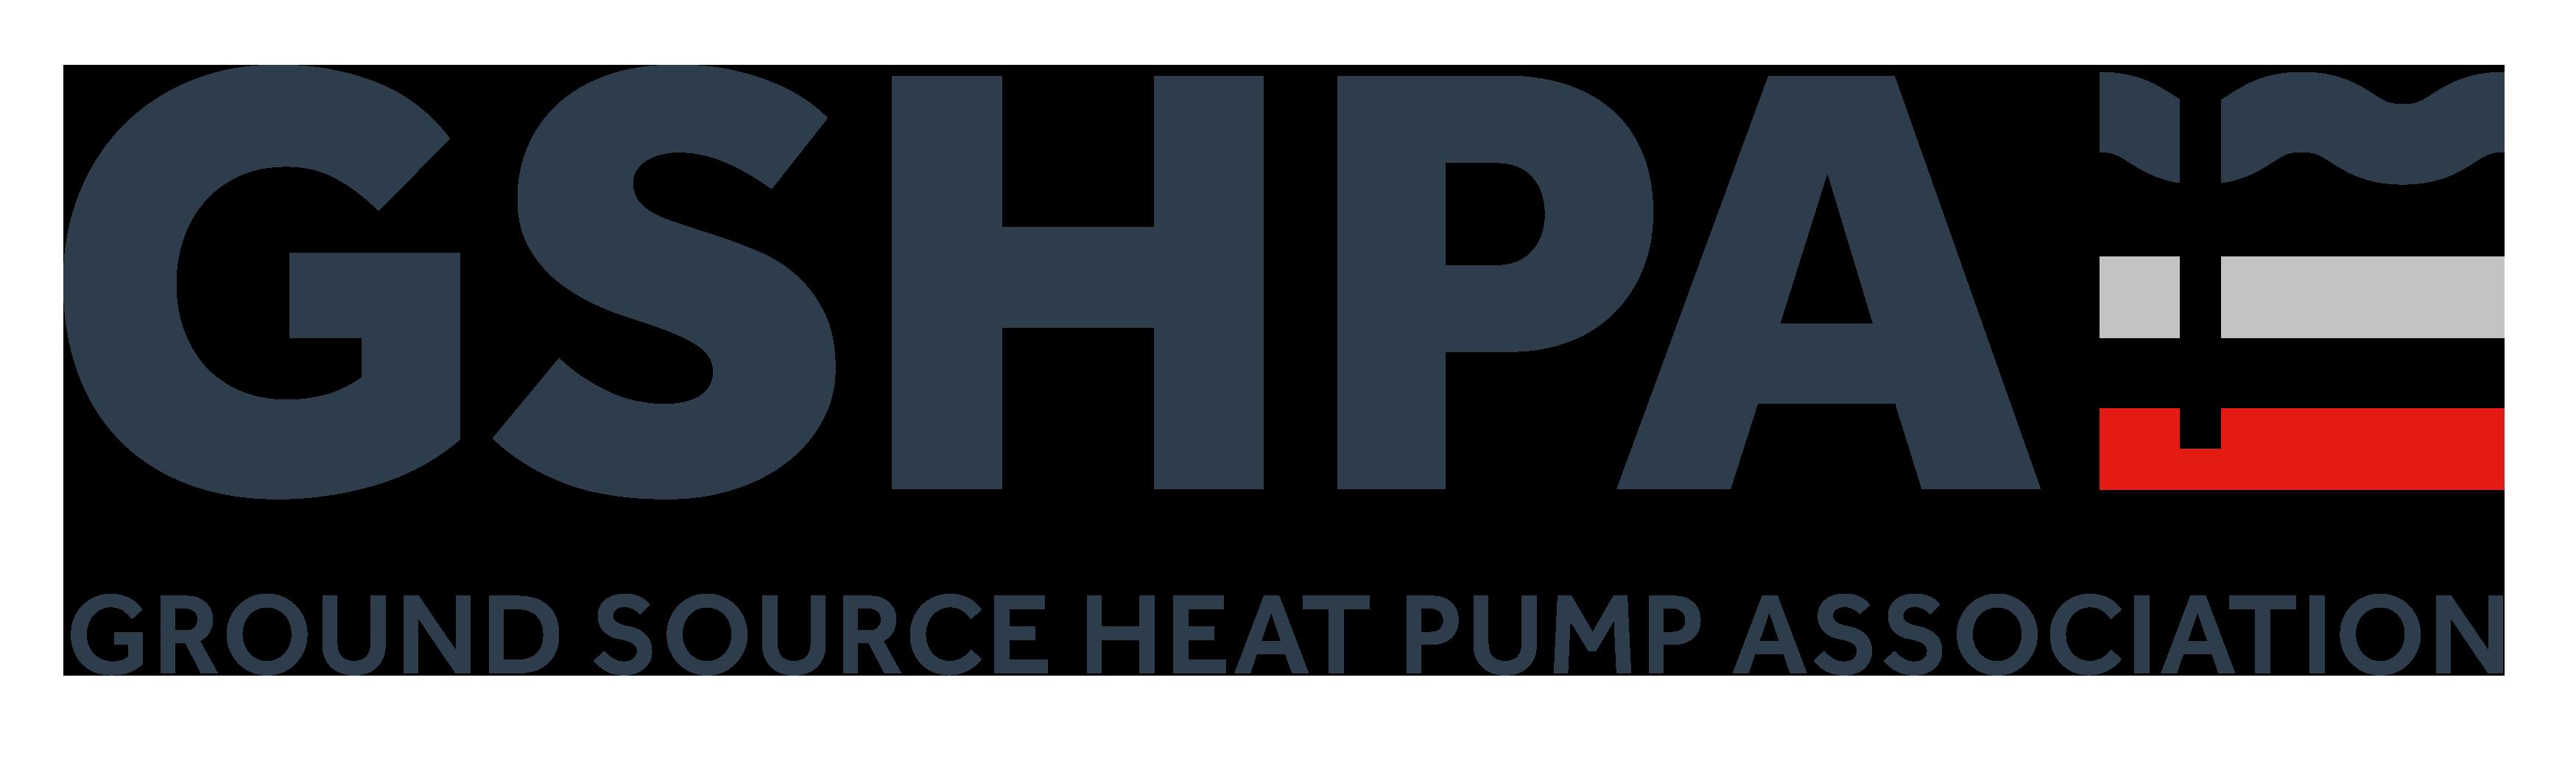 GSHP Association>